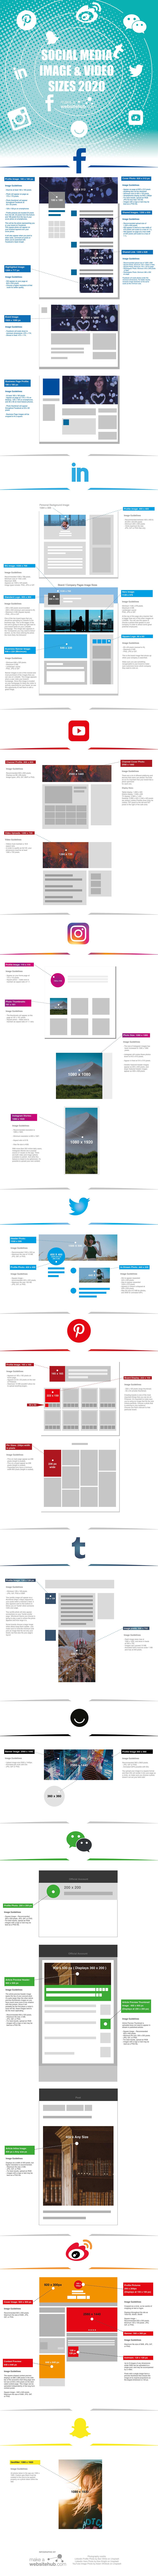 Bildgrößen Für Social Media 2020 Von Facebook Bis Youtube